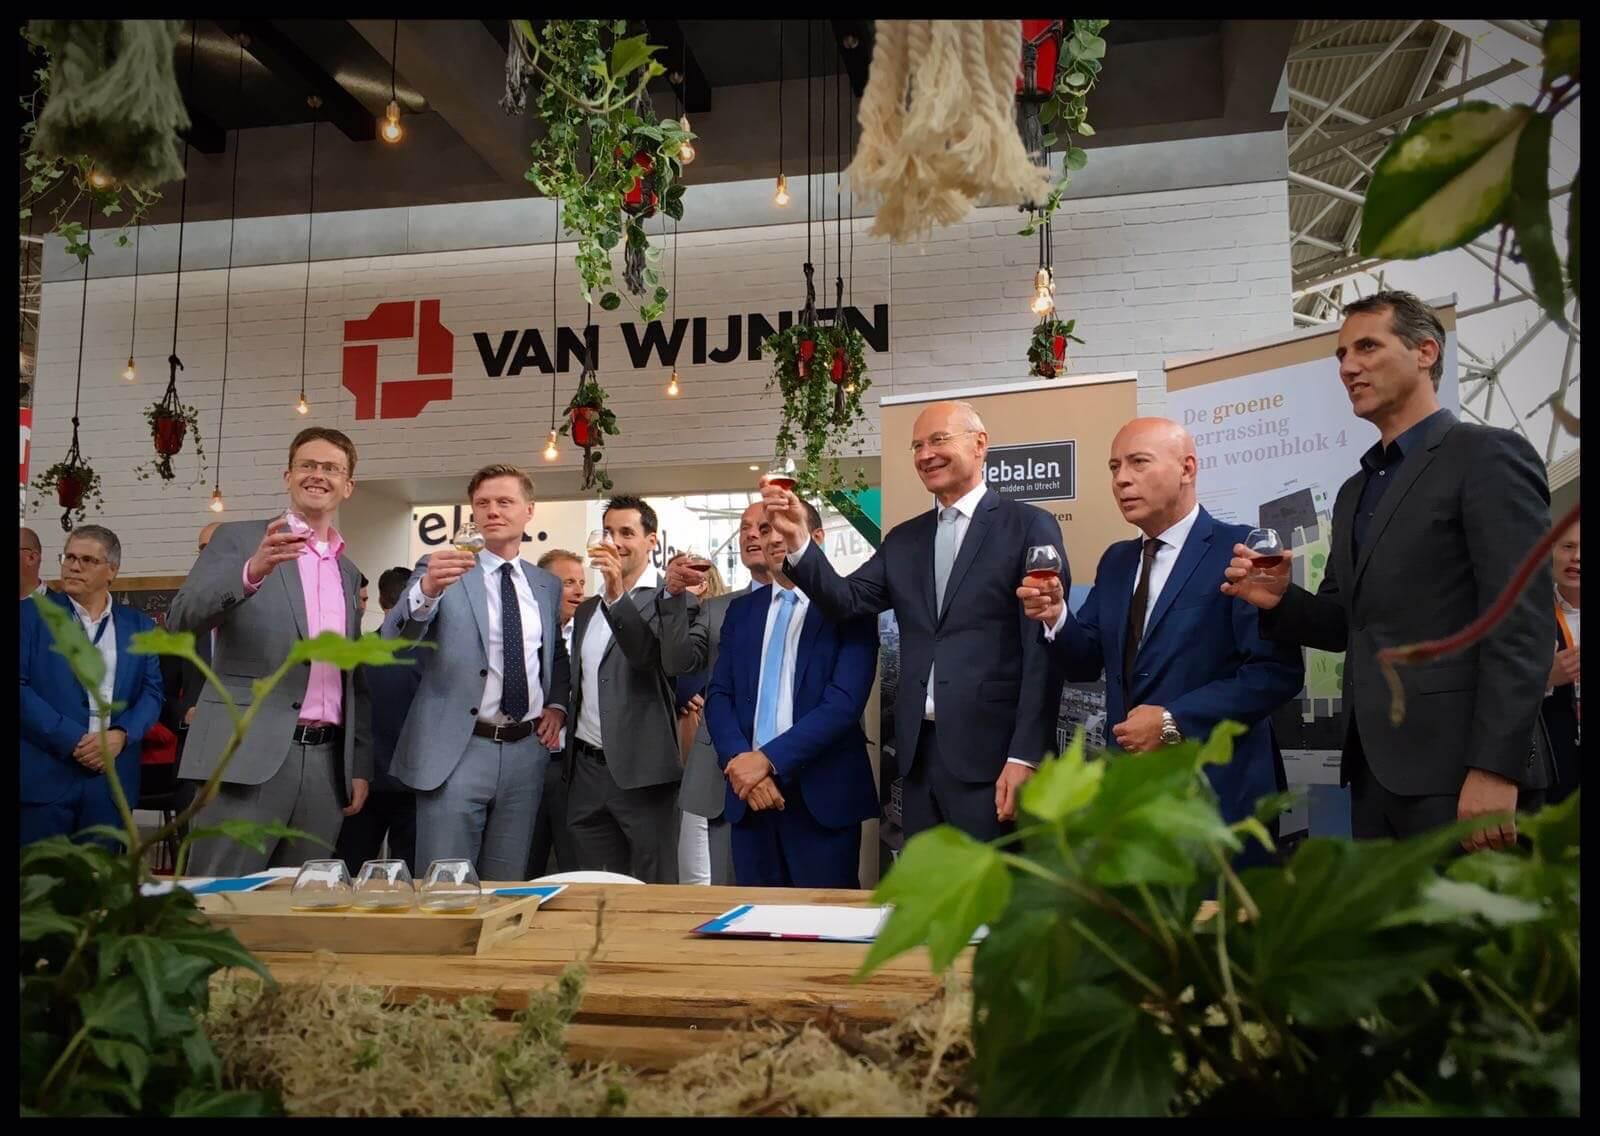 Blij met goede samenwerking aan gebiedsontwikkeling Zijdebalen in Utrecht